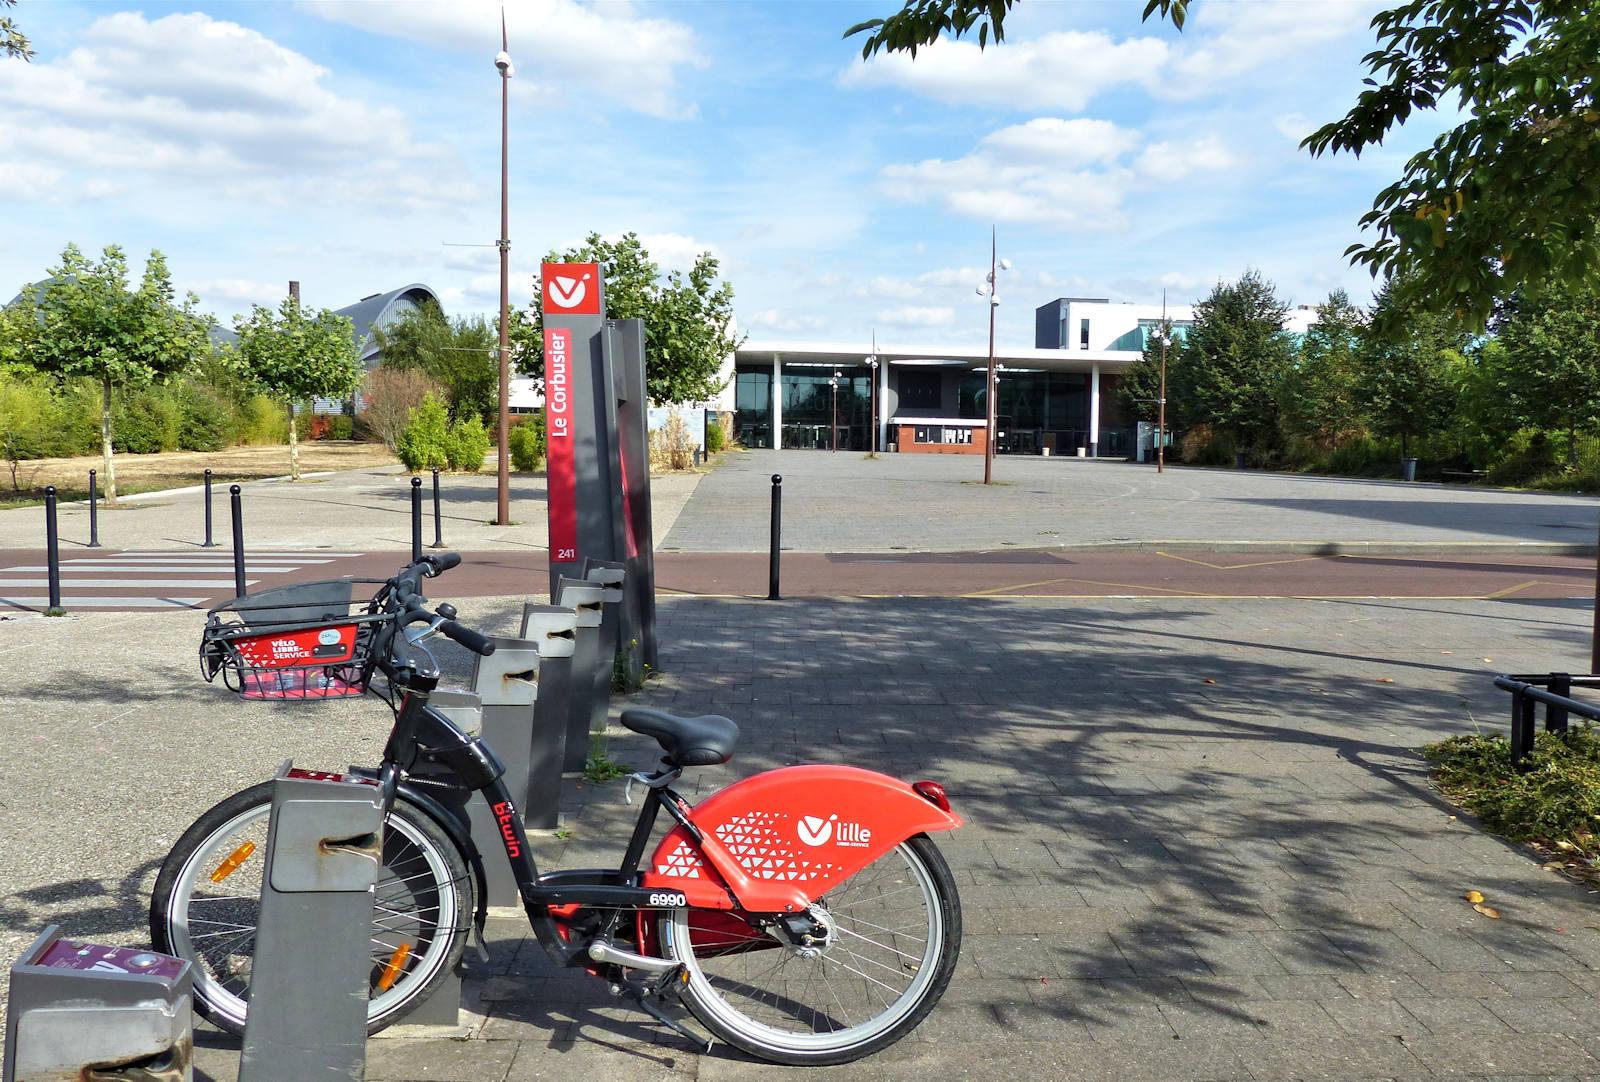 """Location Vélos V'Lille - """"Le Corbusier"""", Tourcoing"""